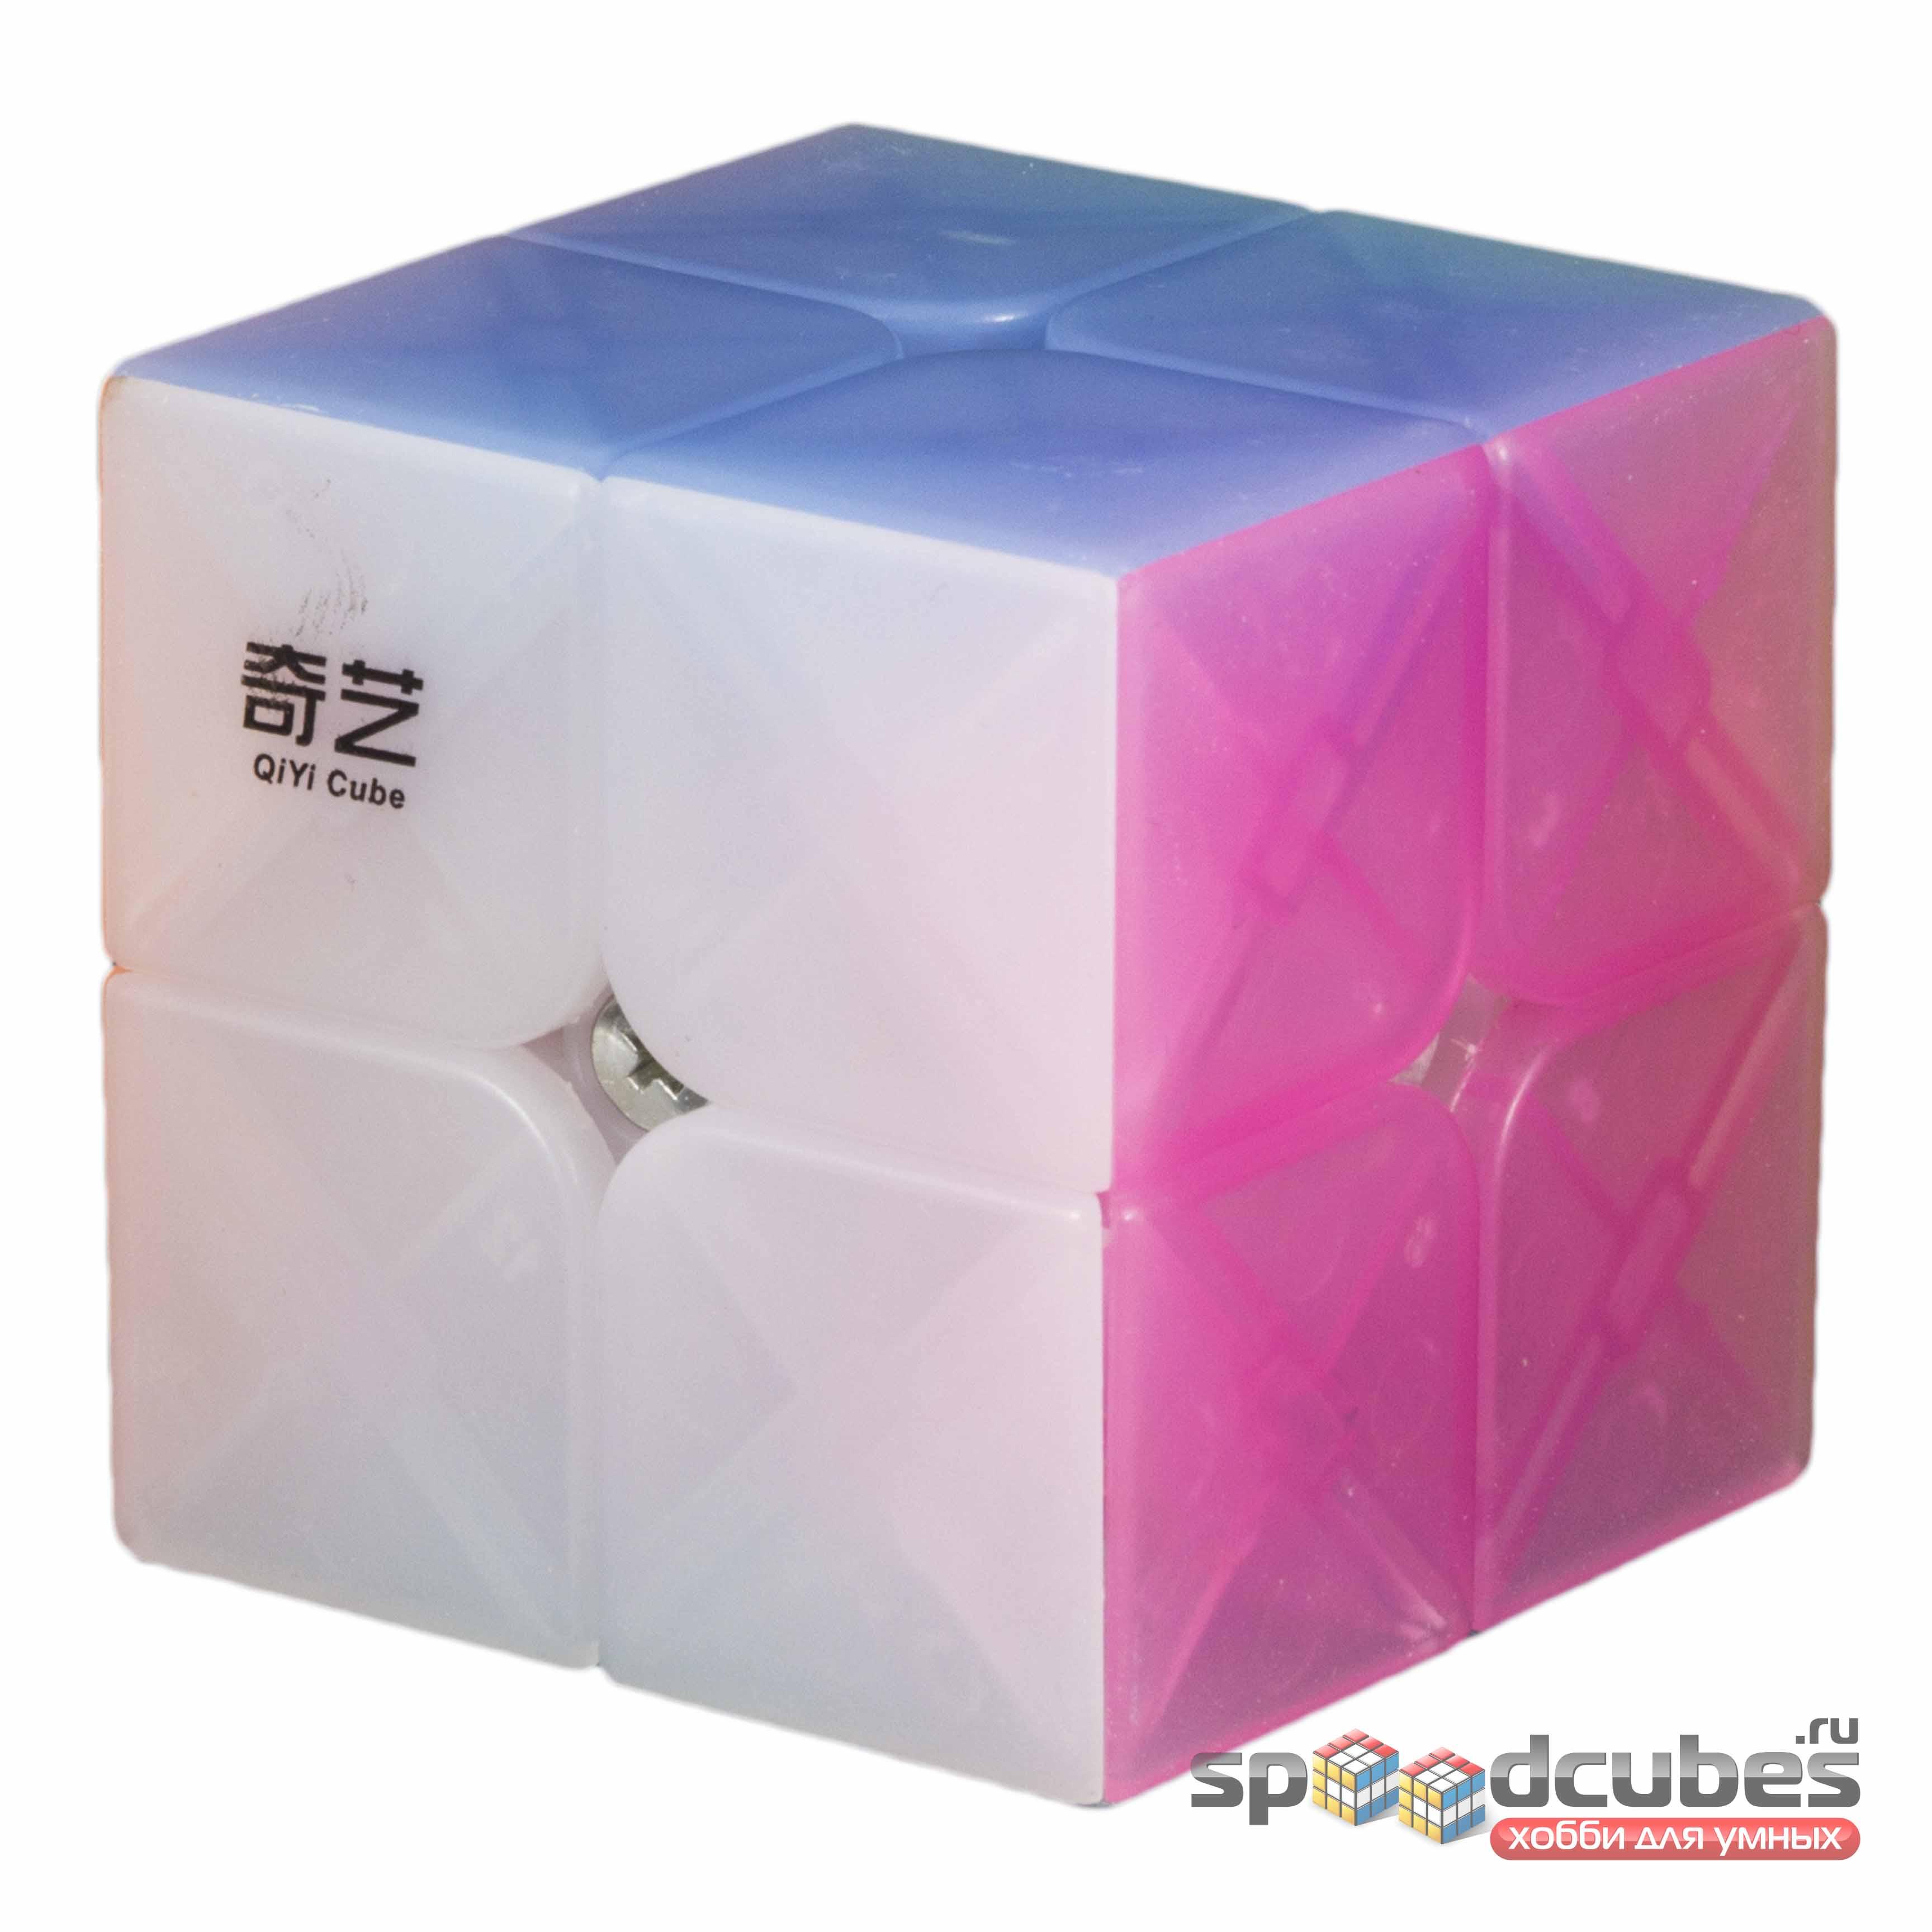 QiYi (MoFangGe) 2x2x2 Jelly Cube 2